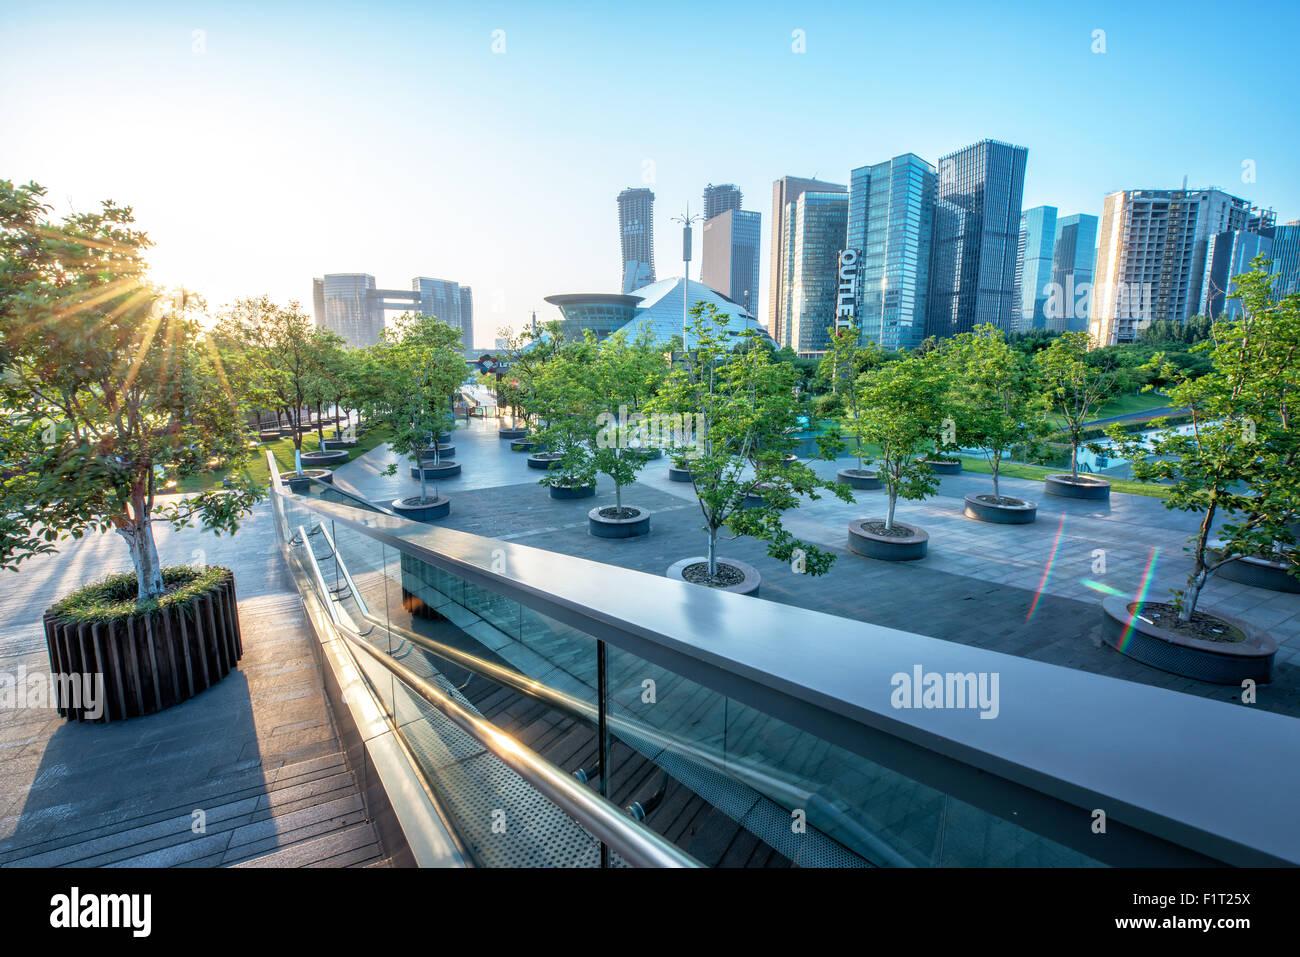 Großstadtdschungel, modernen Hangzhou Jianggan Stadtbild an einem schönen Tag, Hangzhou, Zhejiang, China, Stockbild